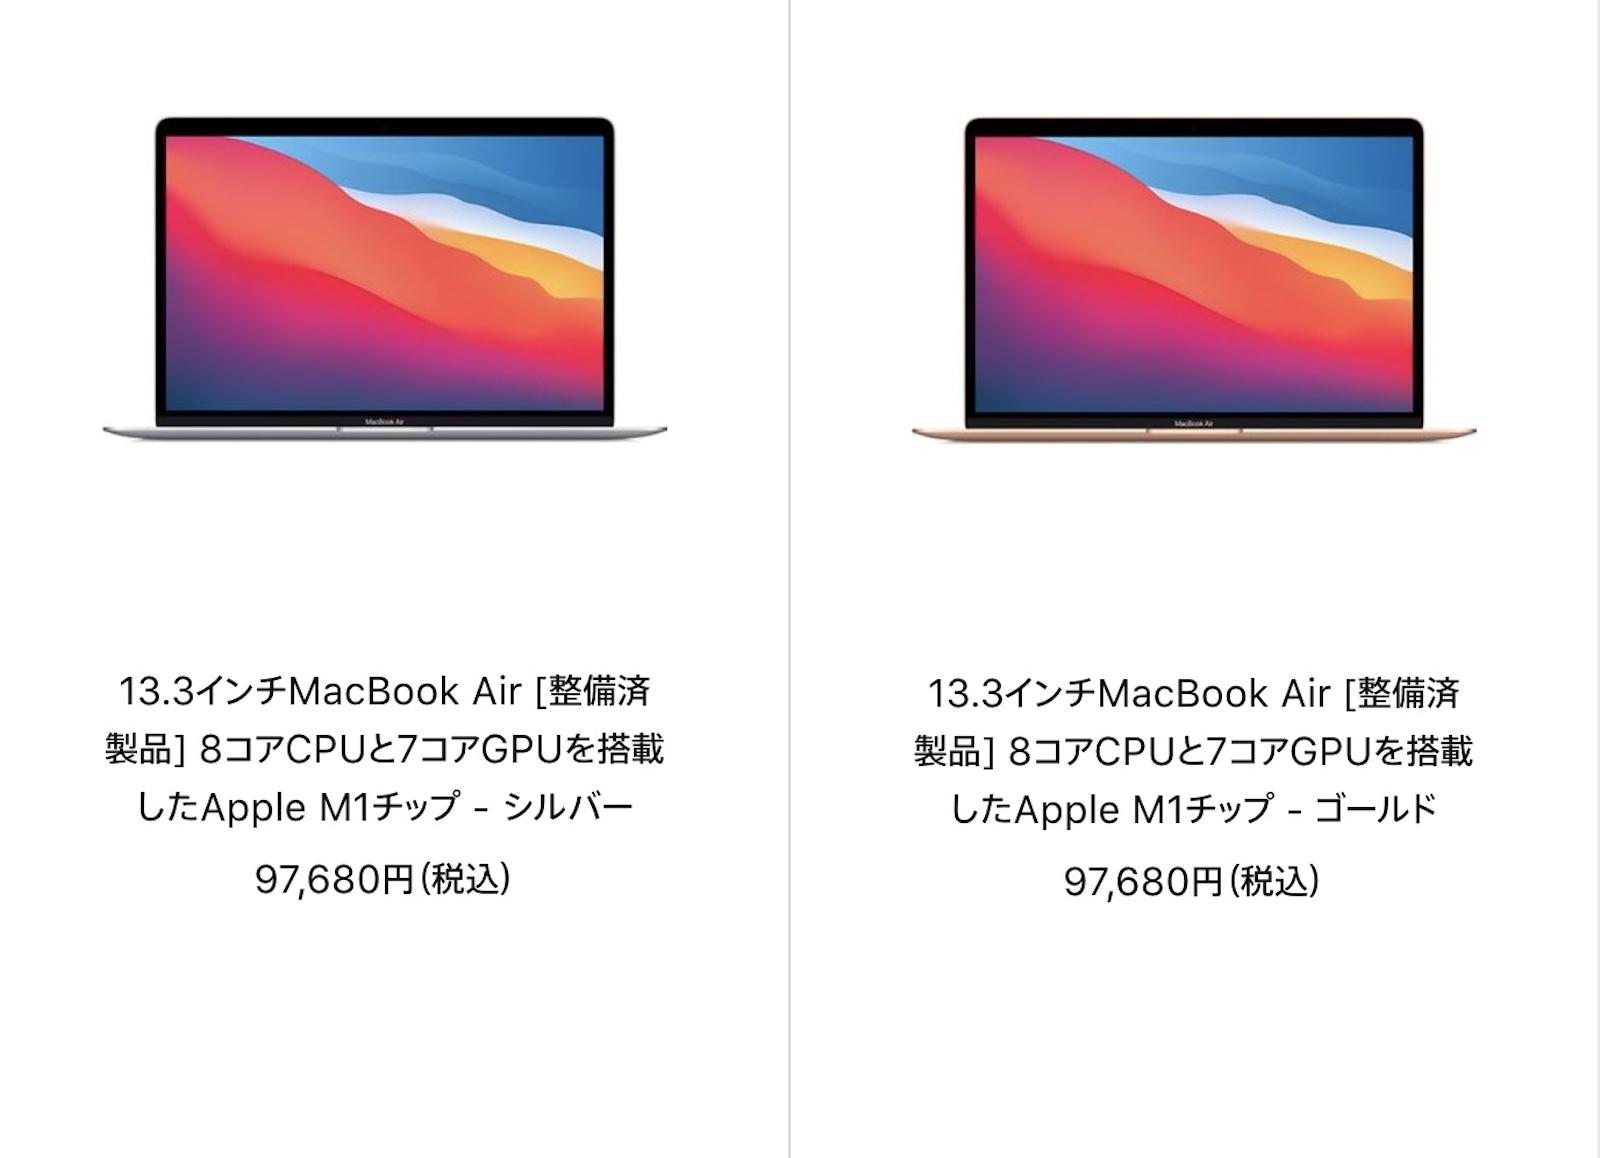 Macbook air models on sale